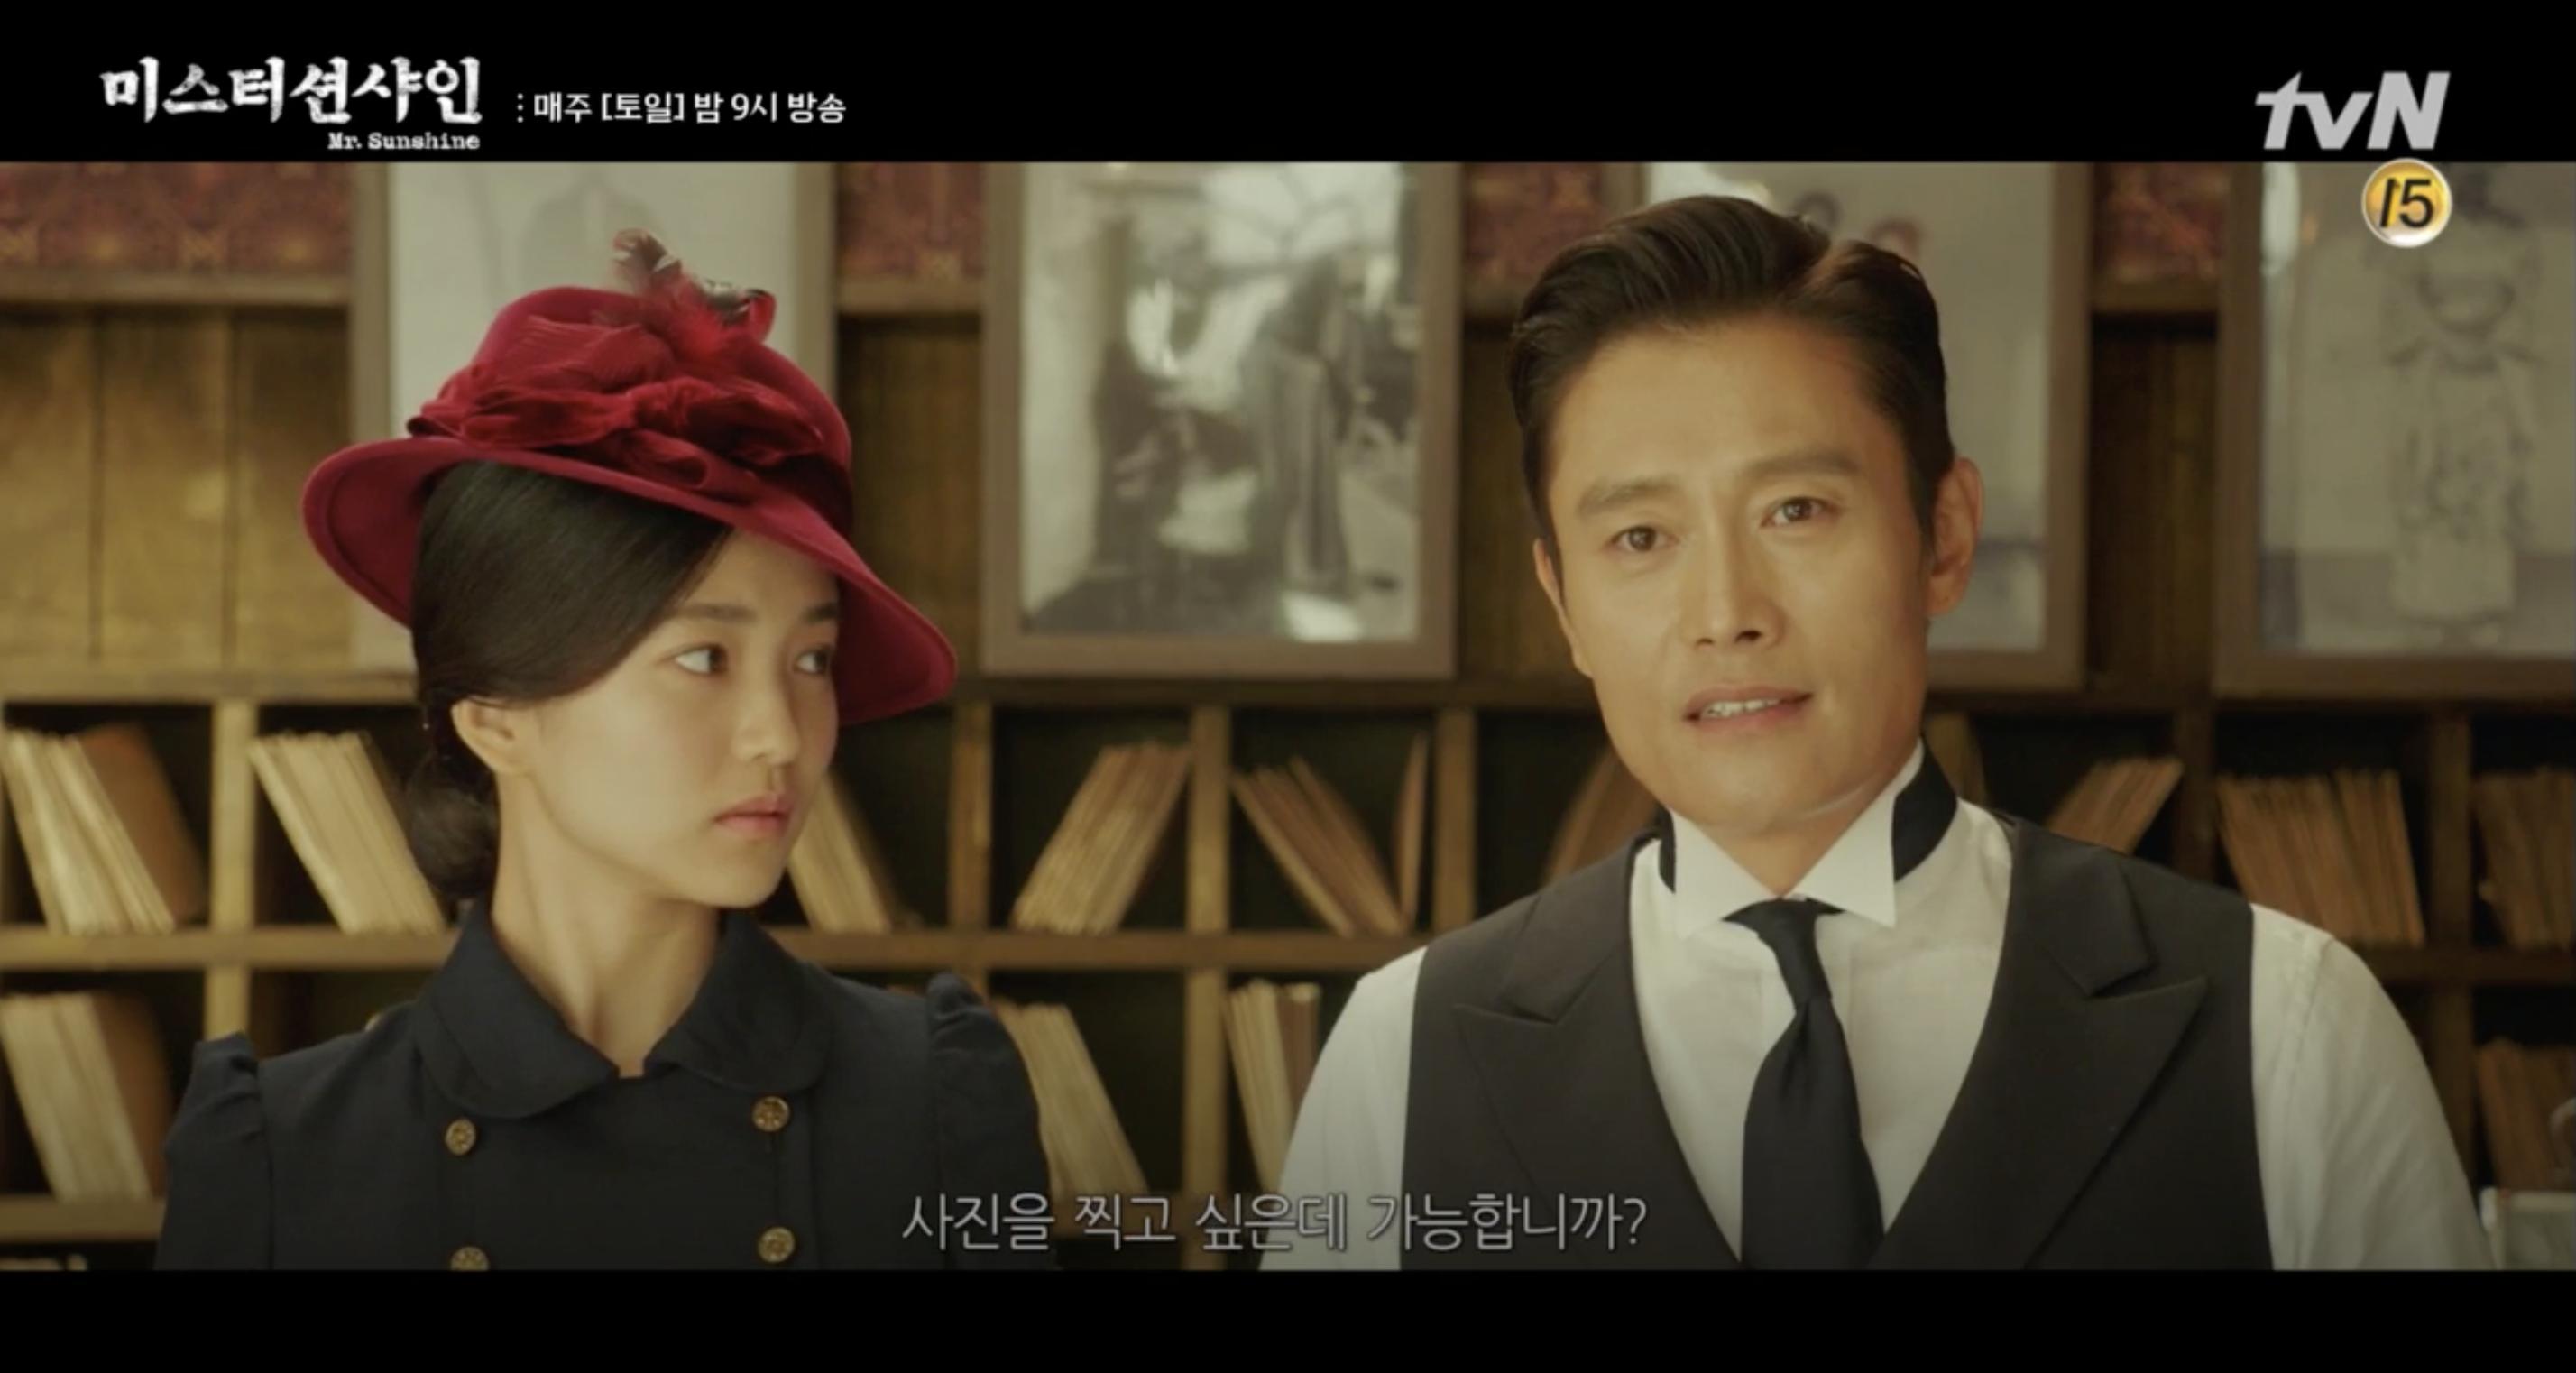 劇中金泰梨為偷渡日本完成任務,跟李秉憲真感情假結婚。